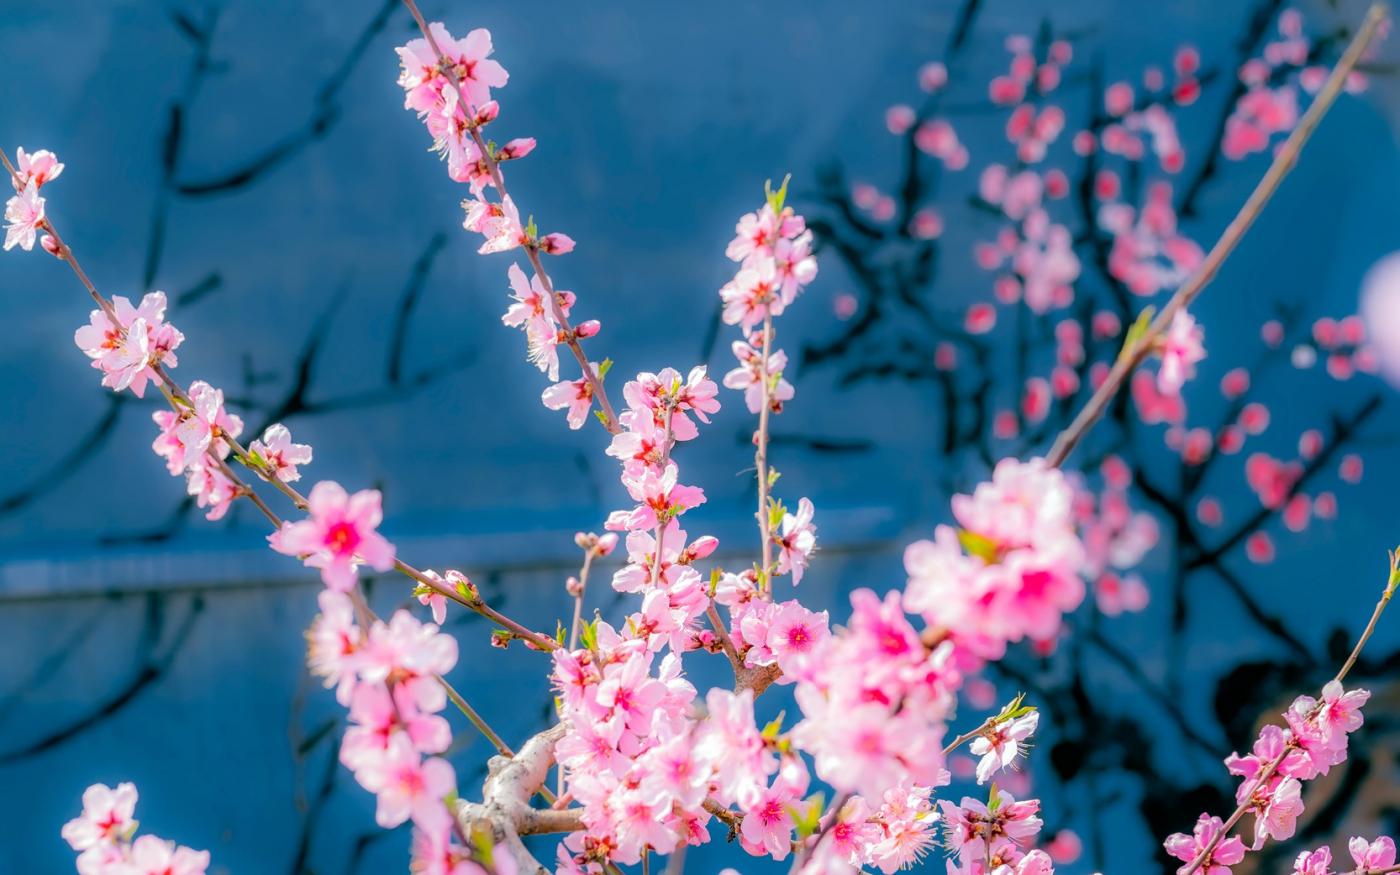 桃花摄影:花非花 画非画 花中有画 画中有花_图1-4